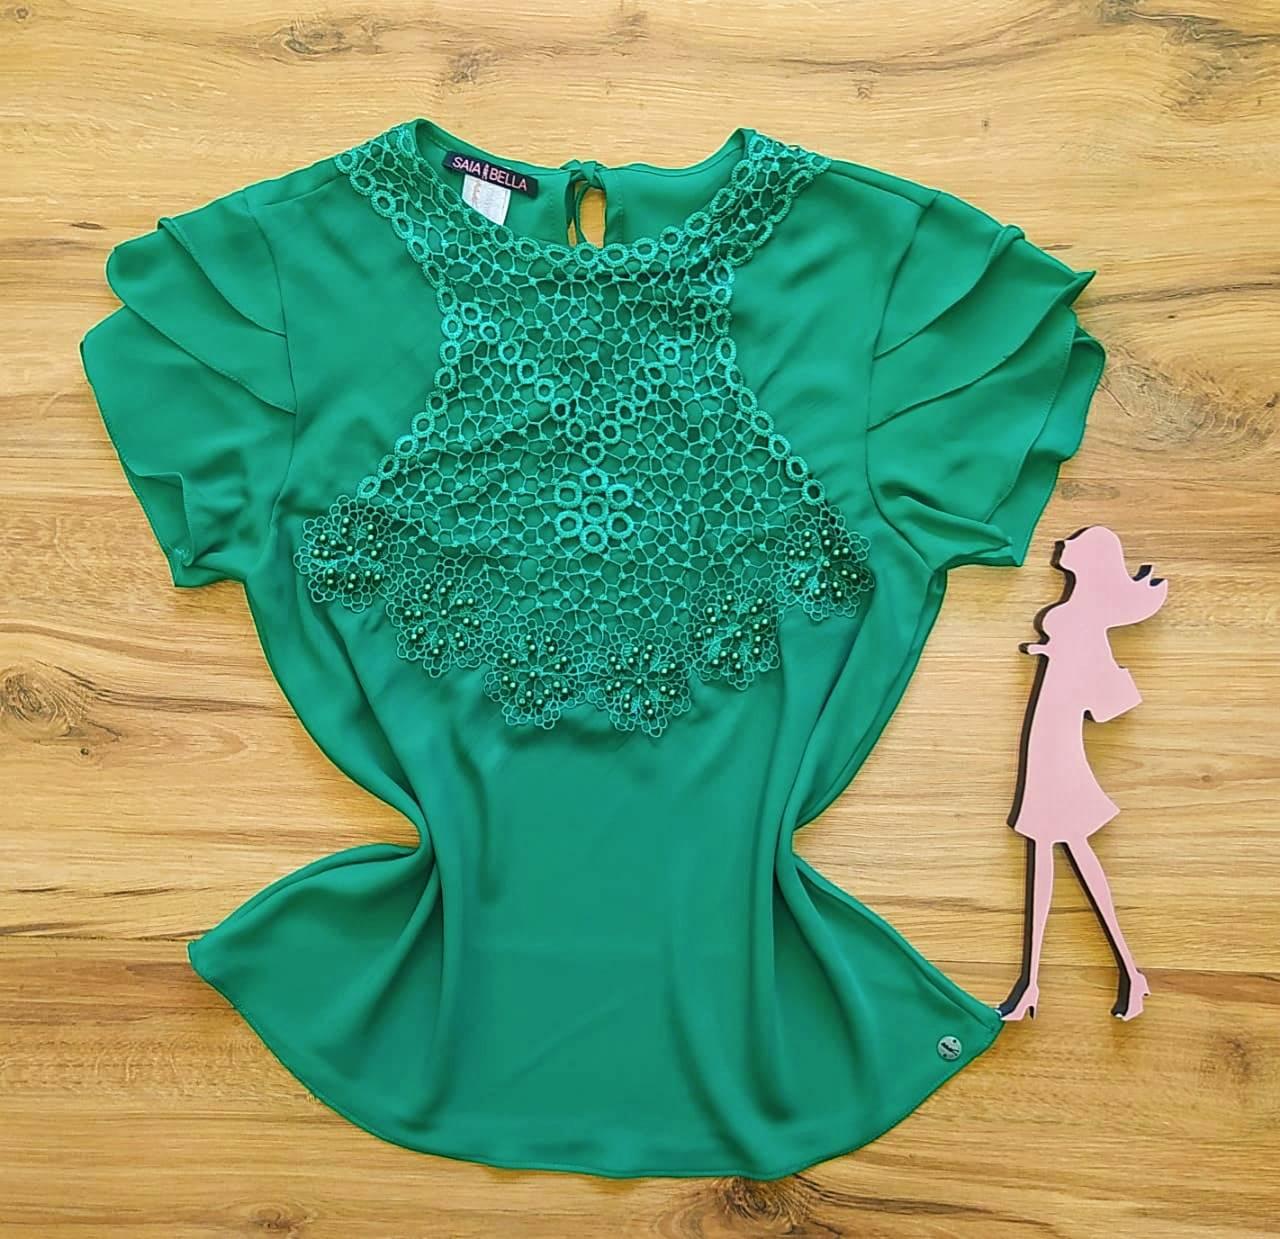 Blusa Ligia de Renda Saia Bella - SB840703 - Verde Bandeira